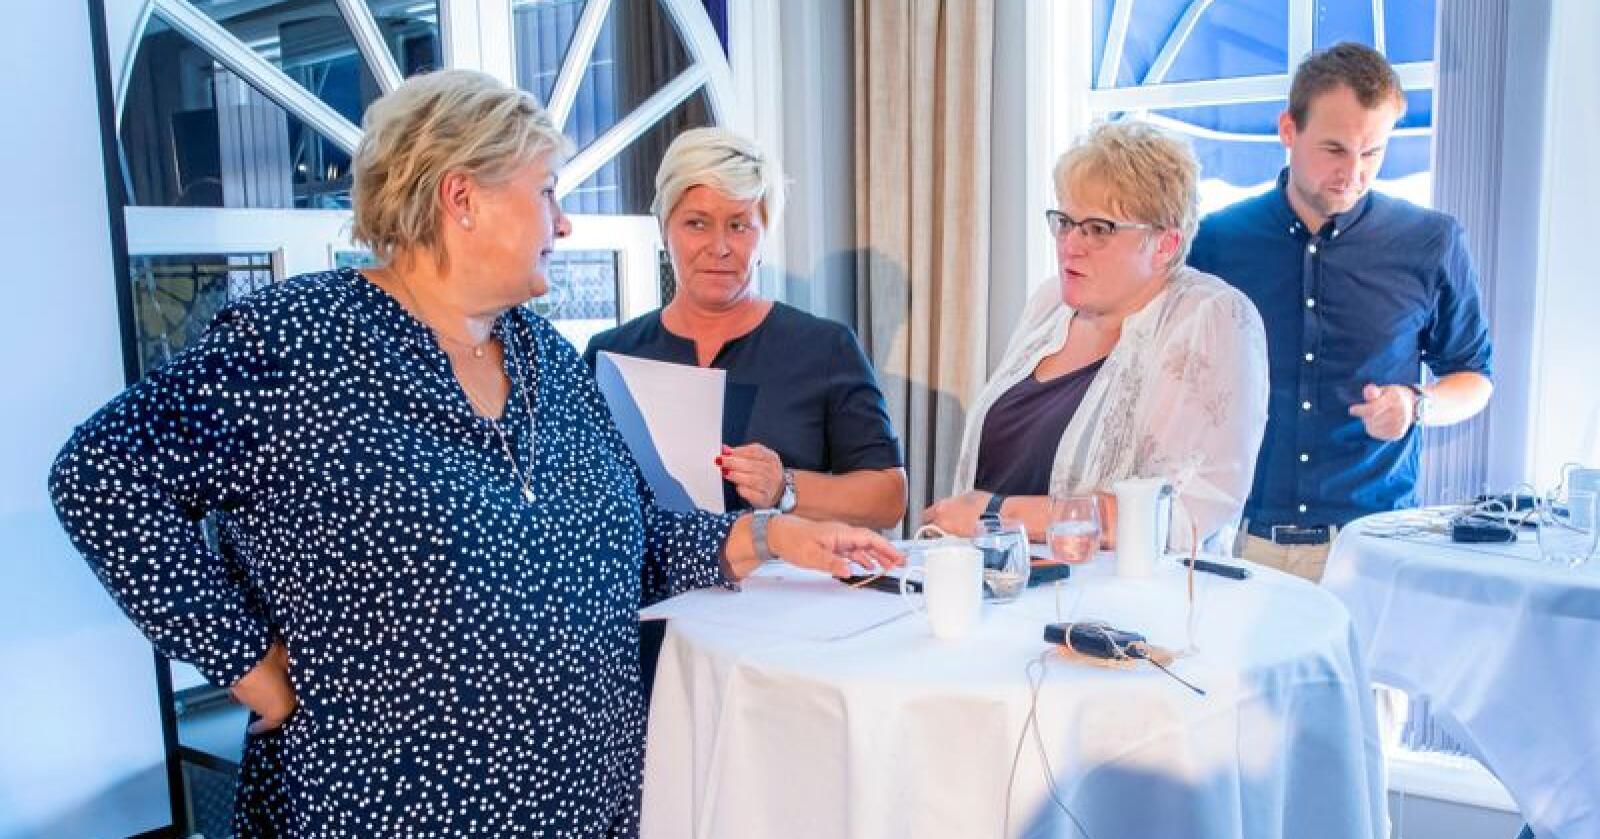 Vil ikke ha pelsdyrnæring: De fire regjeringspartiene, her med partilederne Erna Solberg (Høyre), Siv Jensen (Frp), Trine Skei Grande (Venstre) og Kjell Ingolf Ropstad (KrF). Foto: Håkon Mosvold Larsen / NTB scanpix